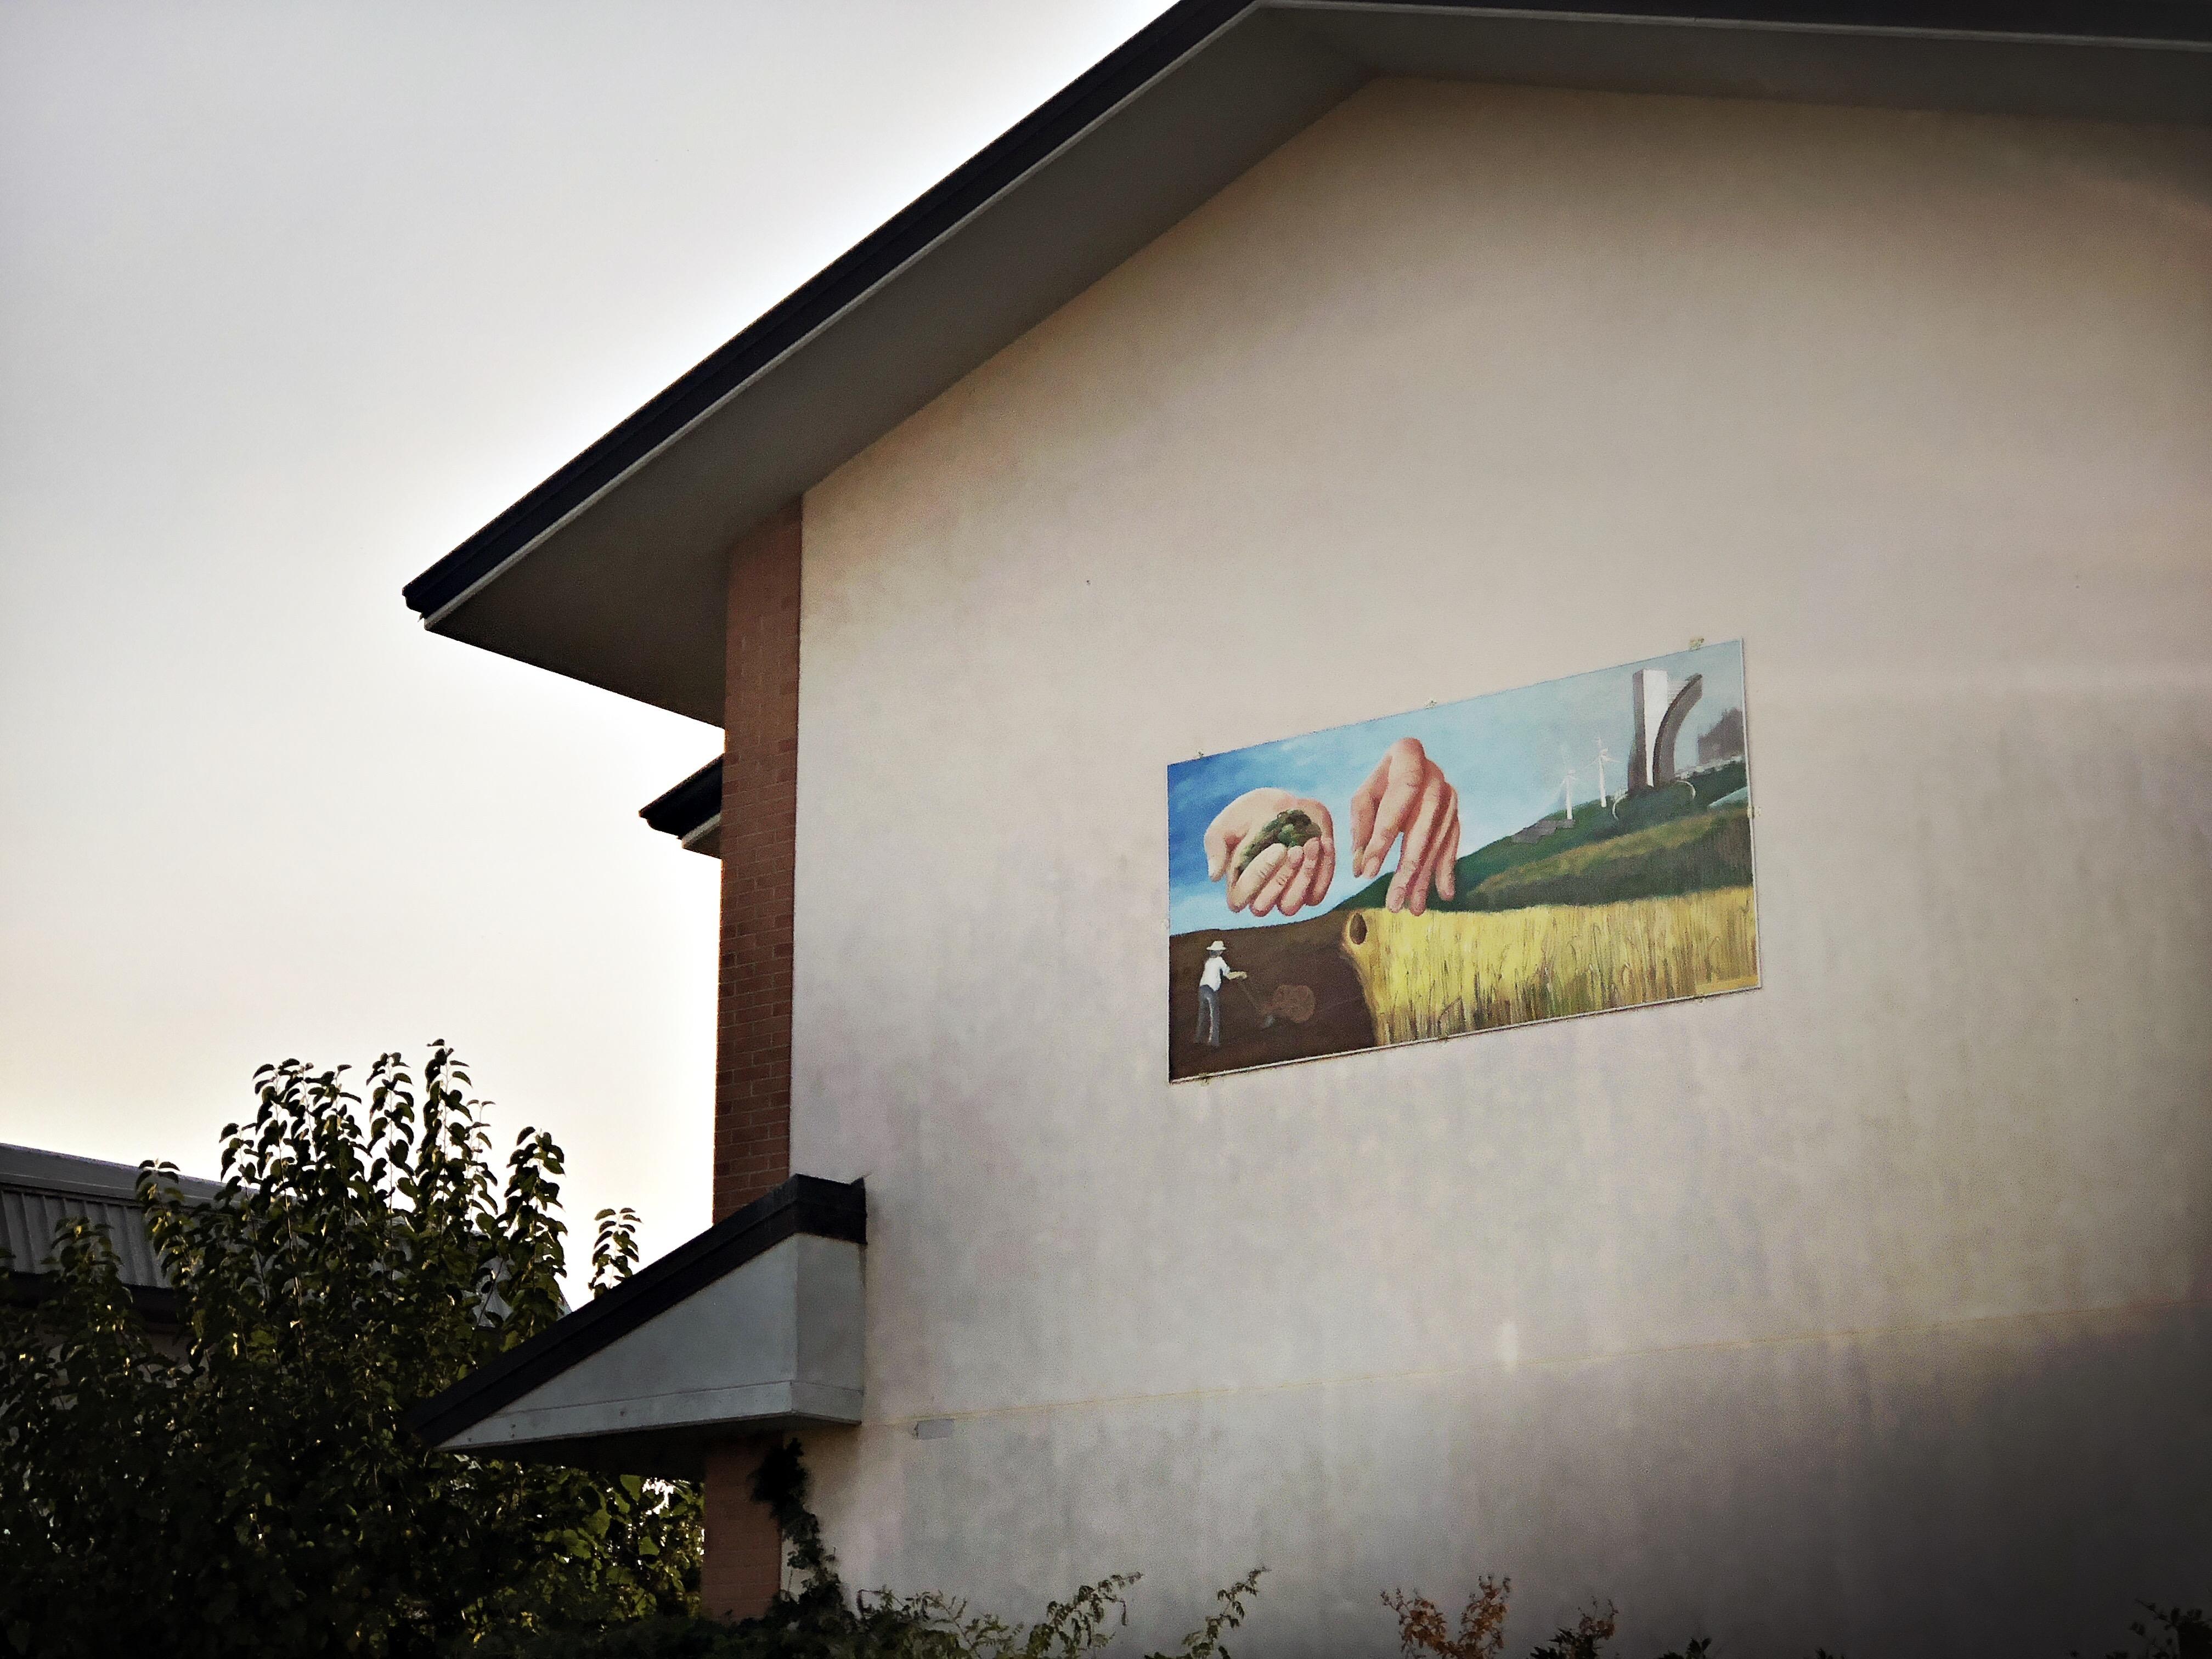 Dairago il paese dei murales